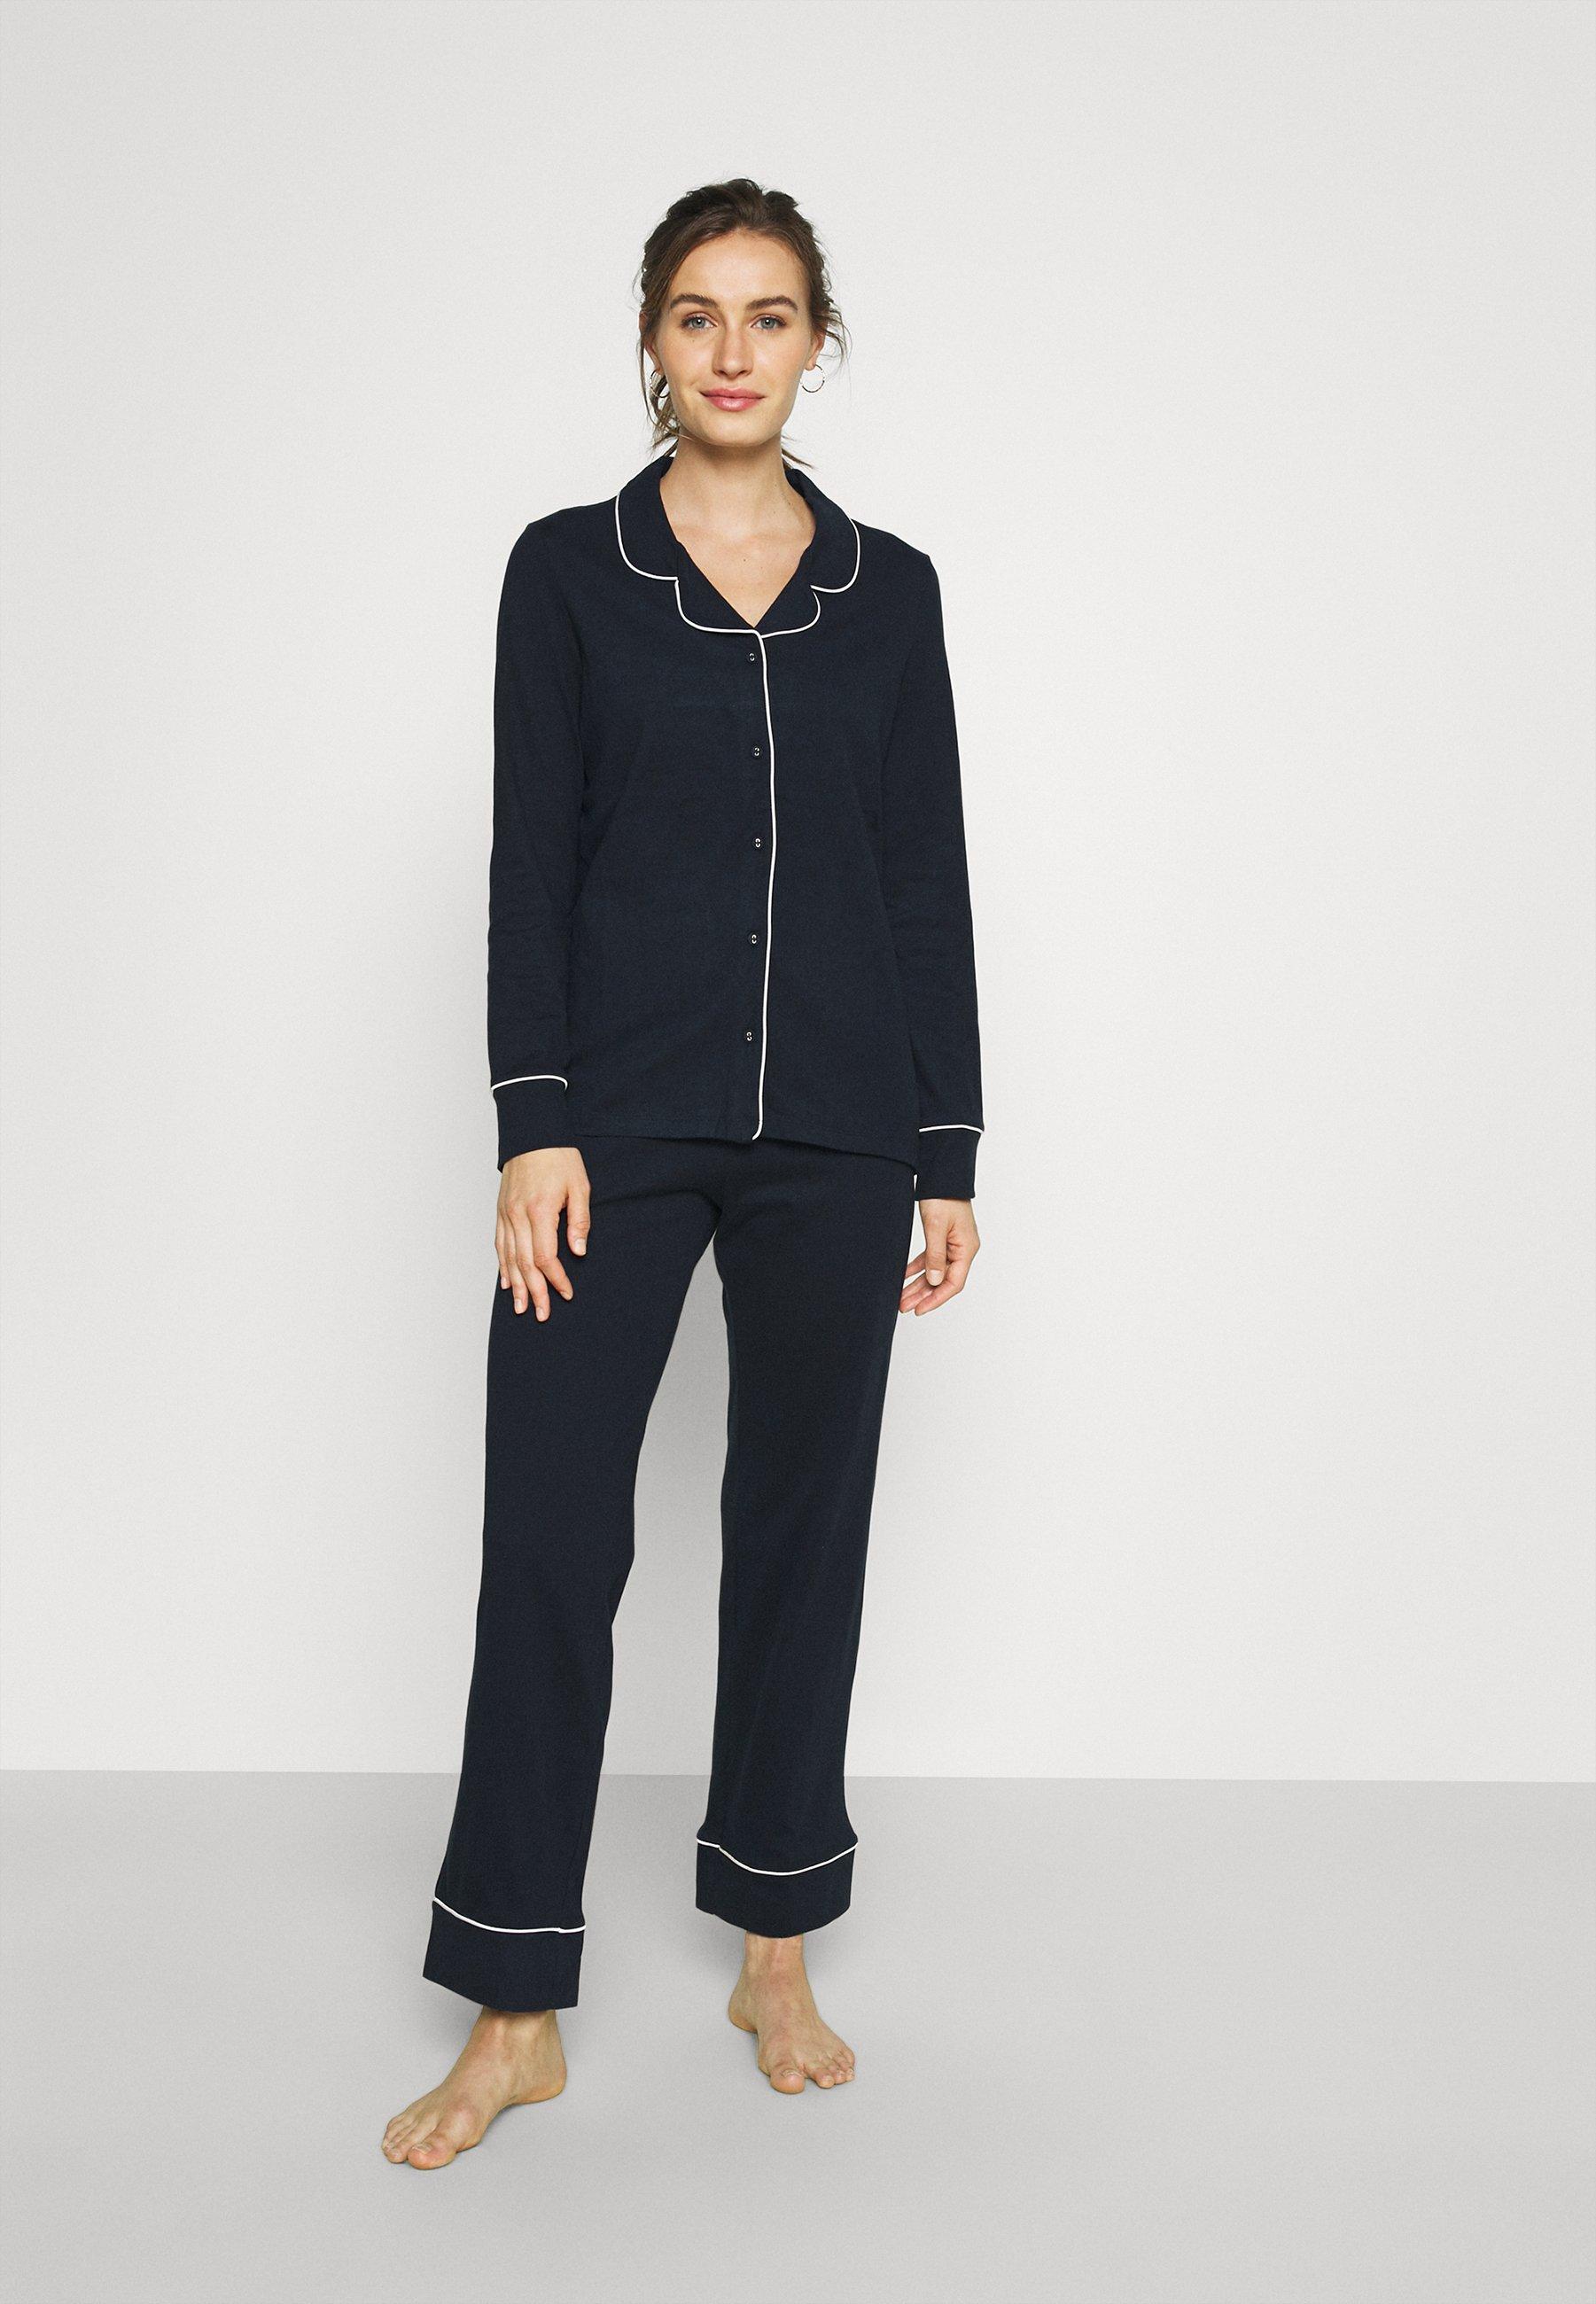 Femme BEAUTIFUL BASICS LONGSLEEVE LONG PANTS - Pyjama